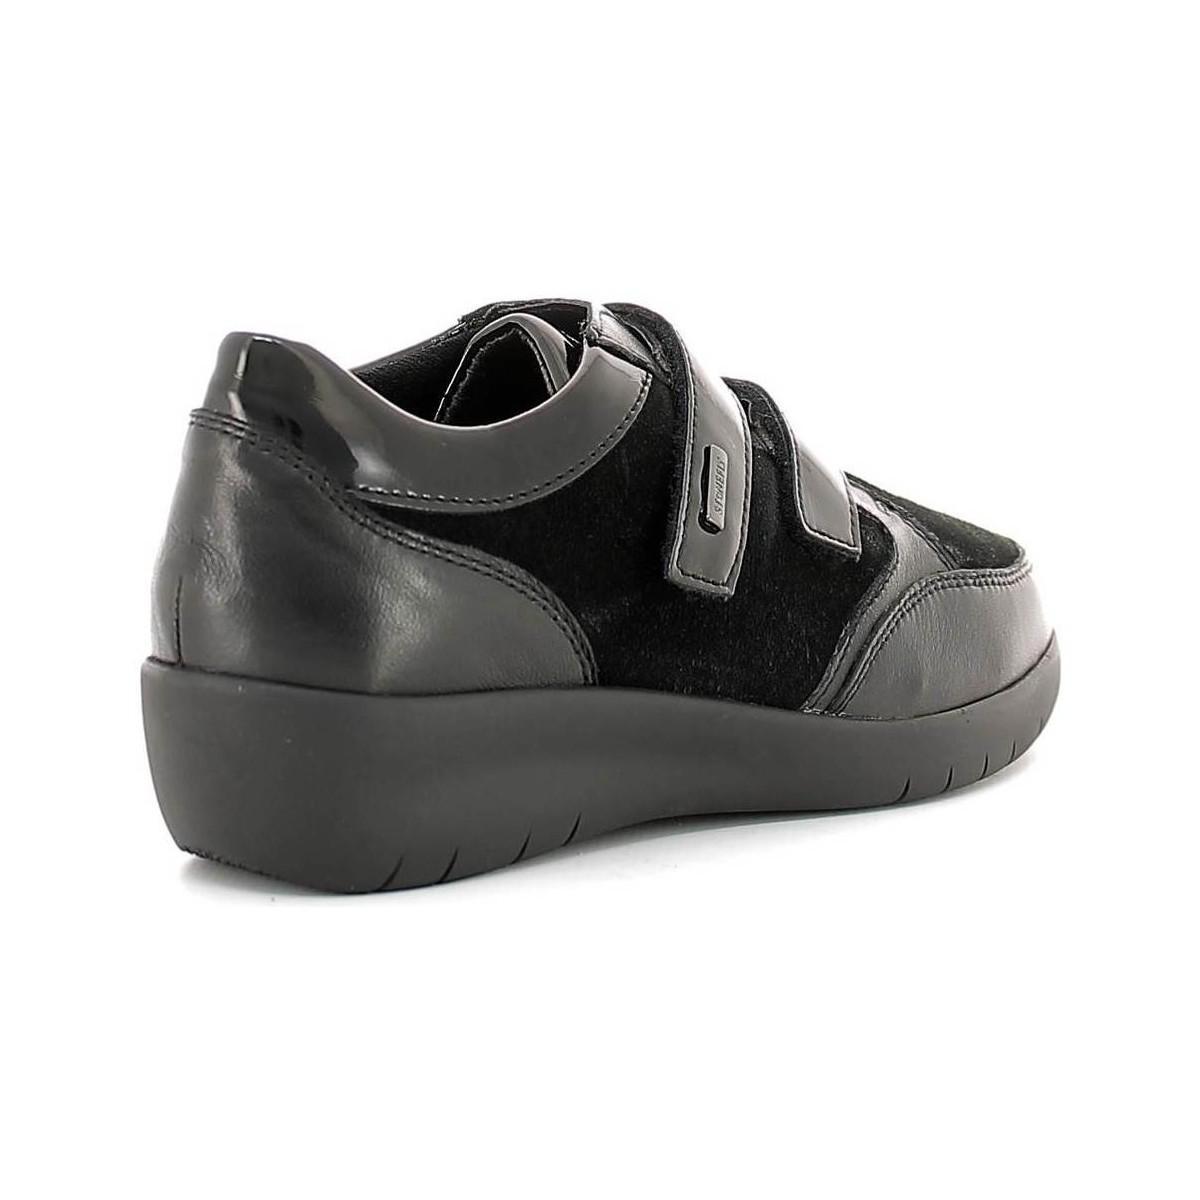 Stonefly 107086 Scarpa Velcro Women Women's Walking Boots In Black